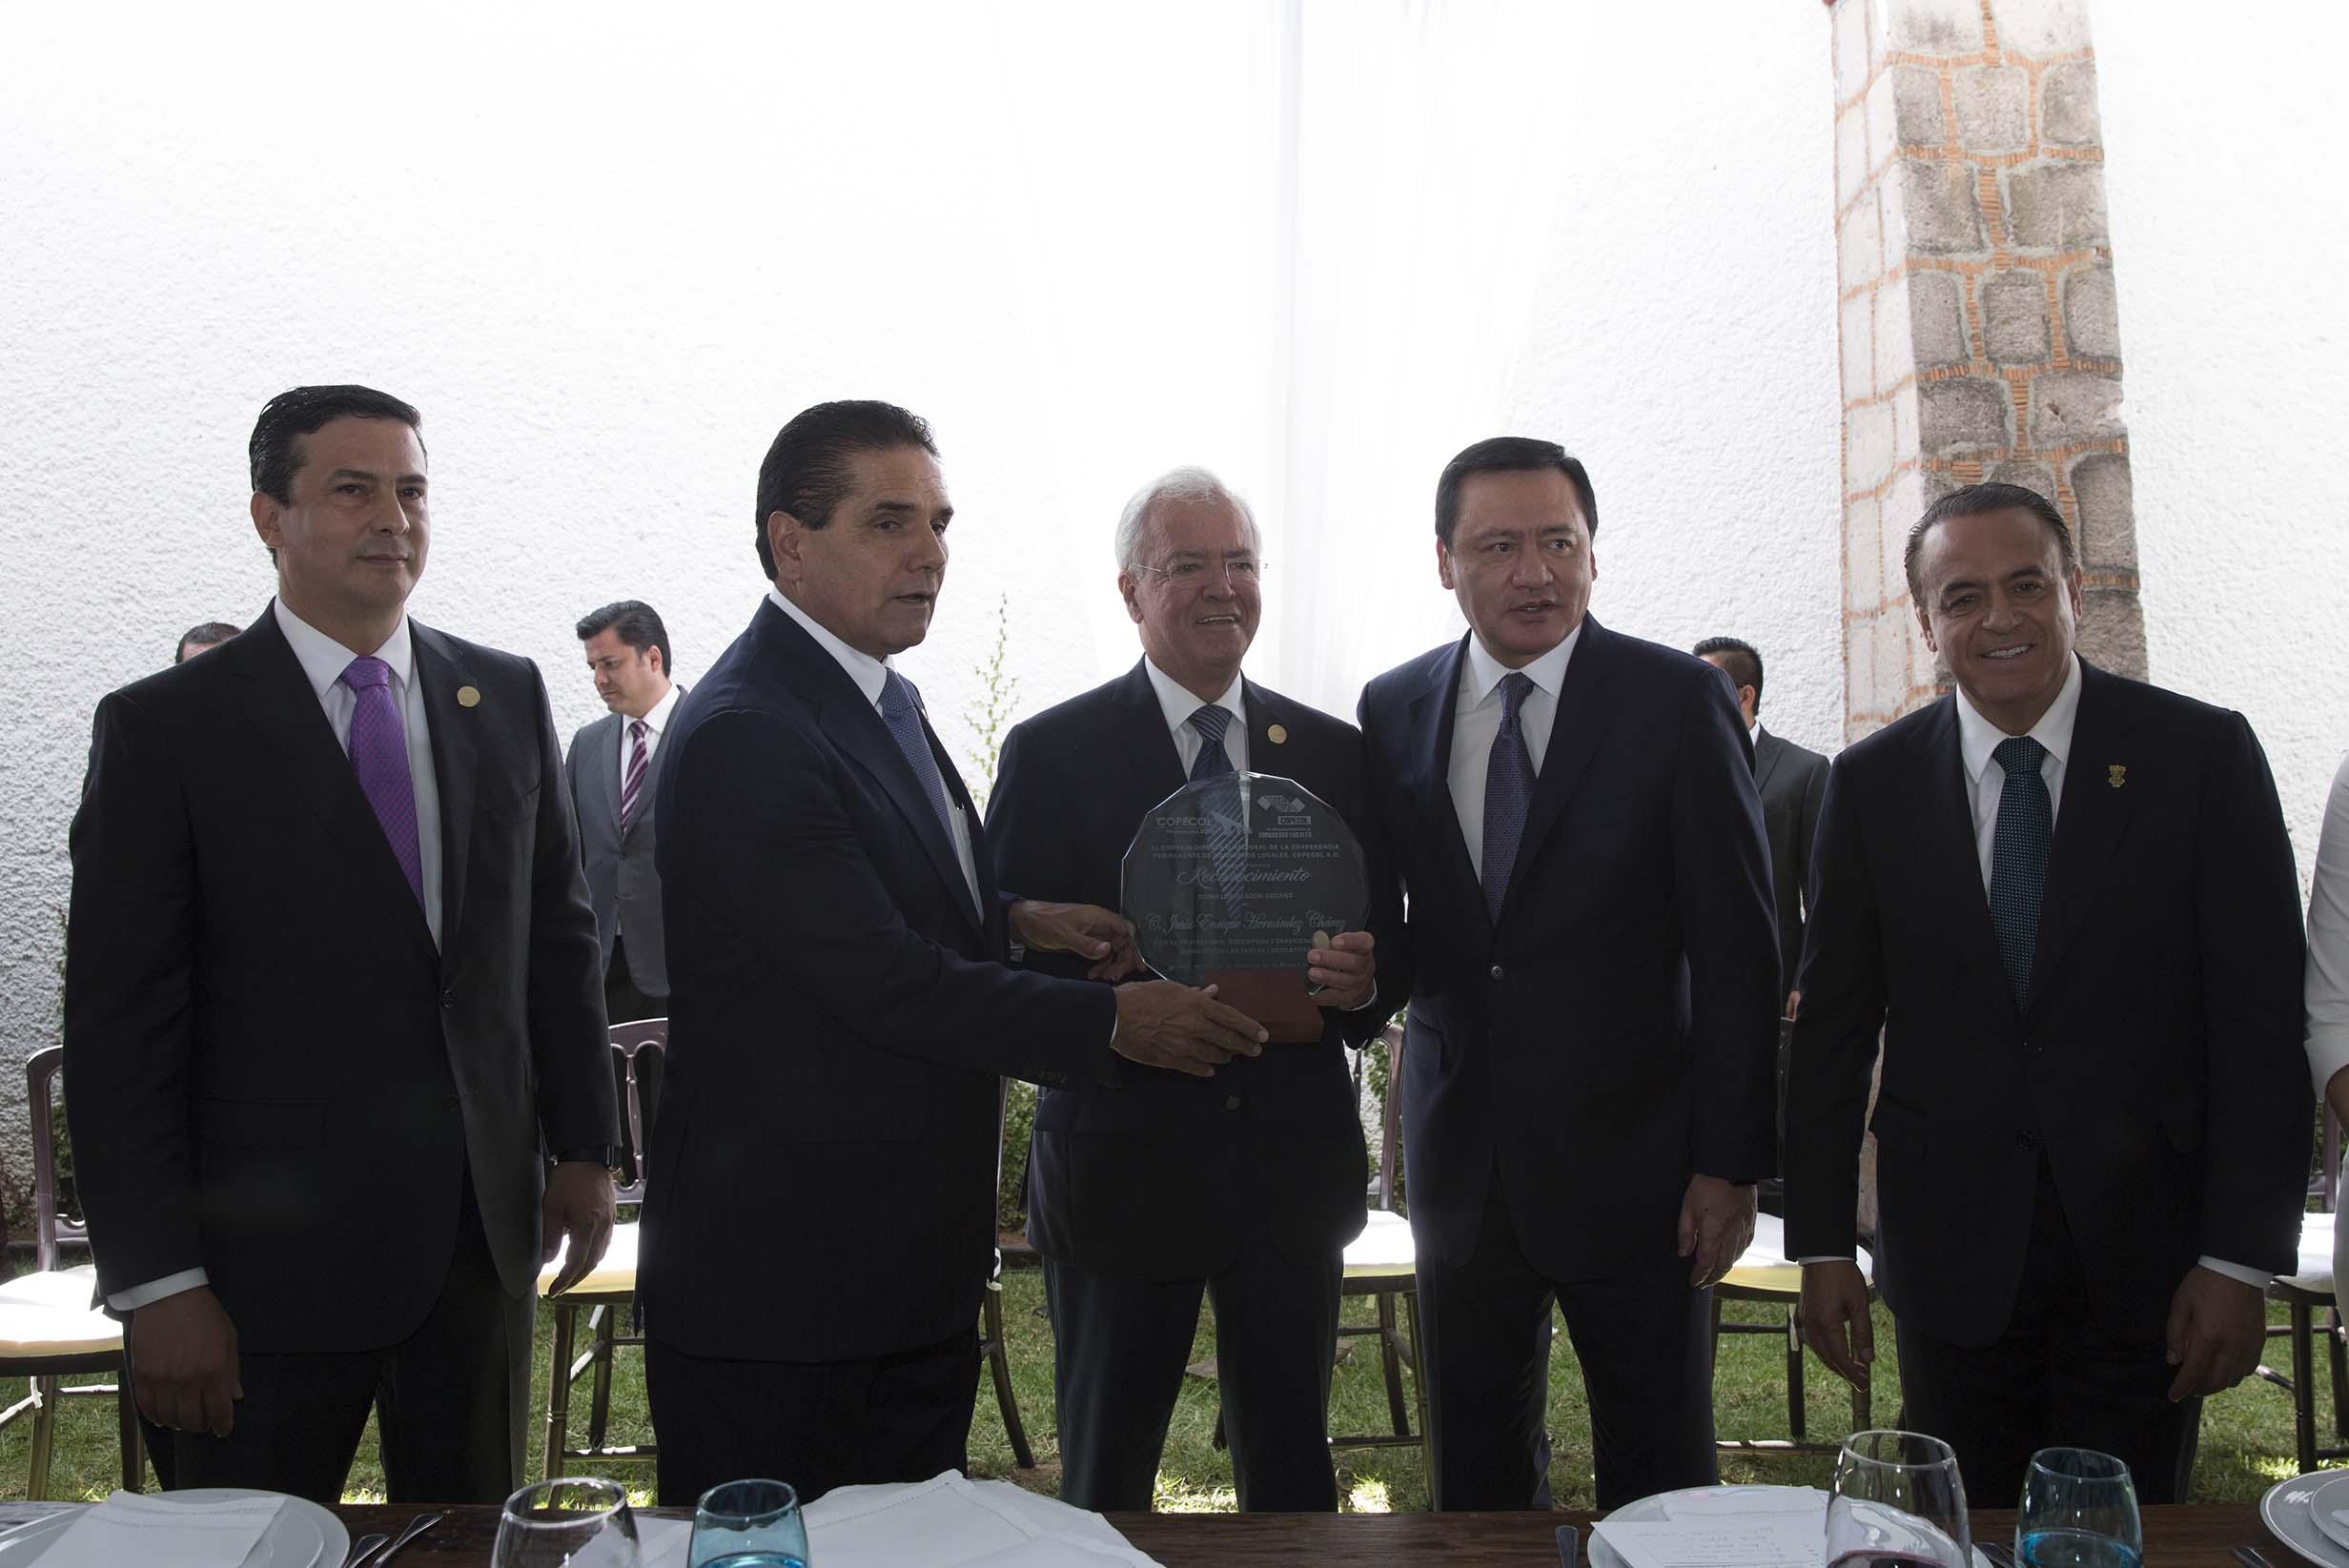 Reunión del Secretario de Gobernación, Miguel Ángel Osorio Chong, con legisladores de la COPECOL en Morelia. Michoacán